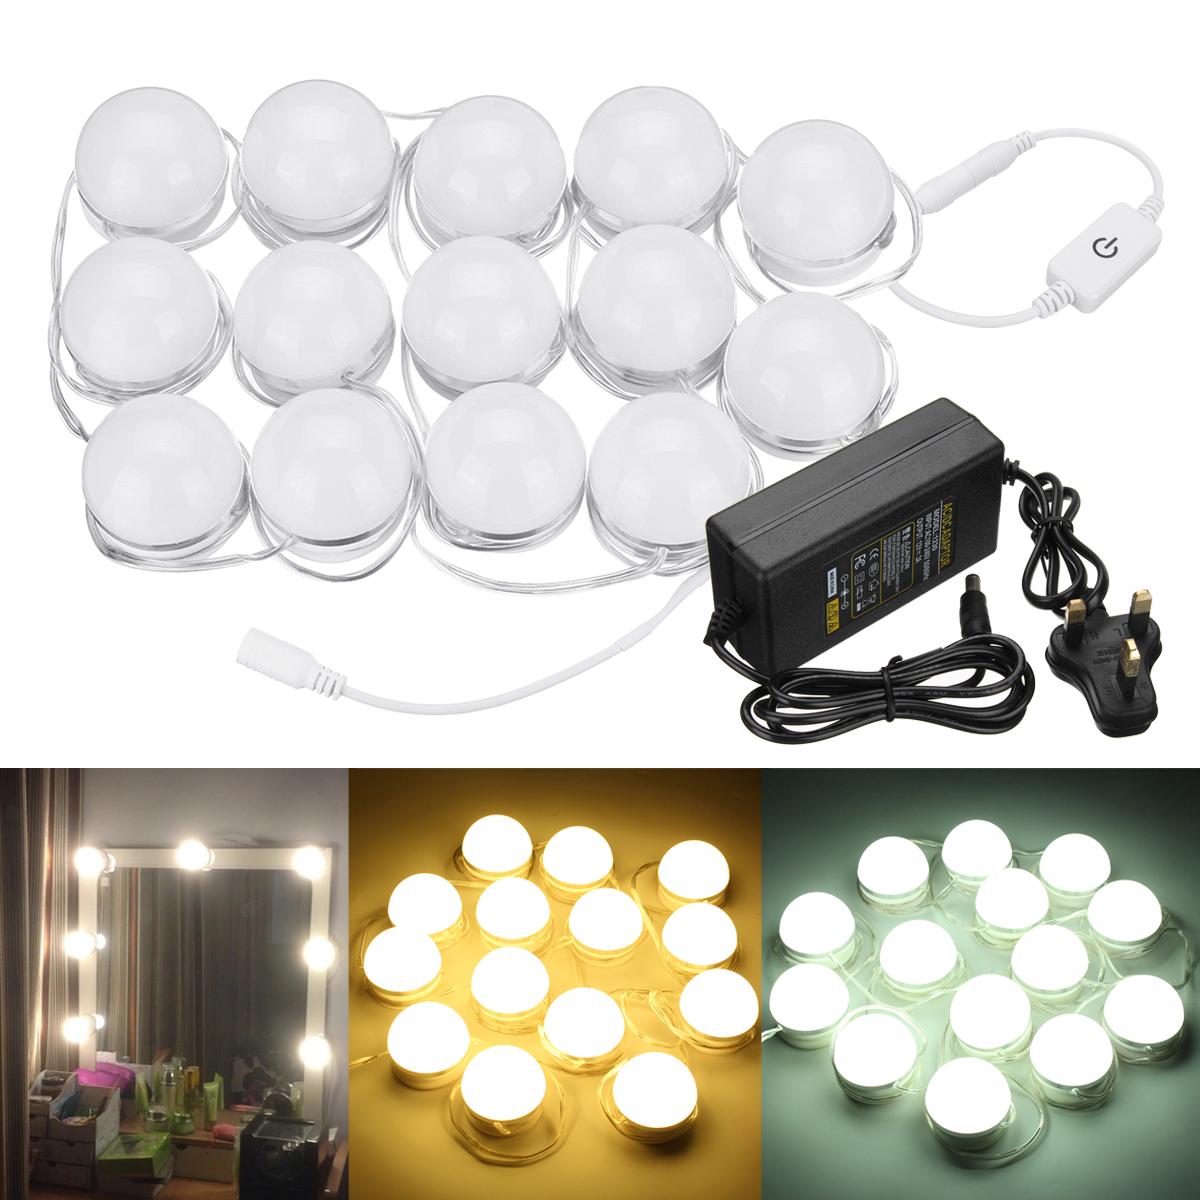 AC100-240V 14PC Голливудский Стиль LED Зеркало Vanity Light Набор для Макияж Туалетный Столик + UK Plug